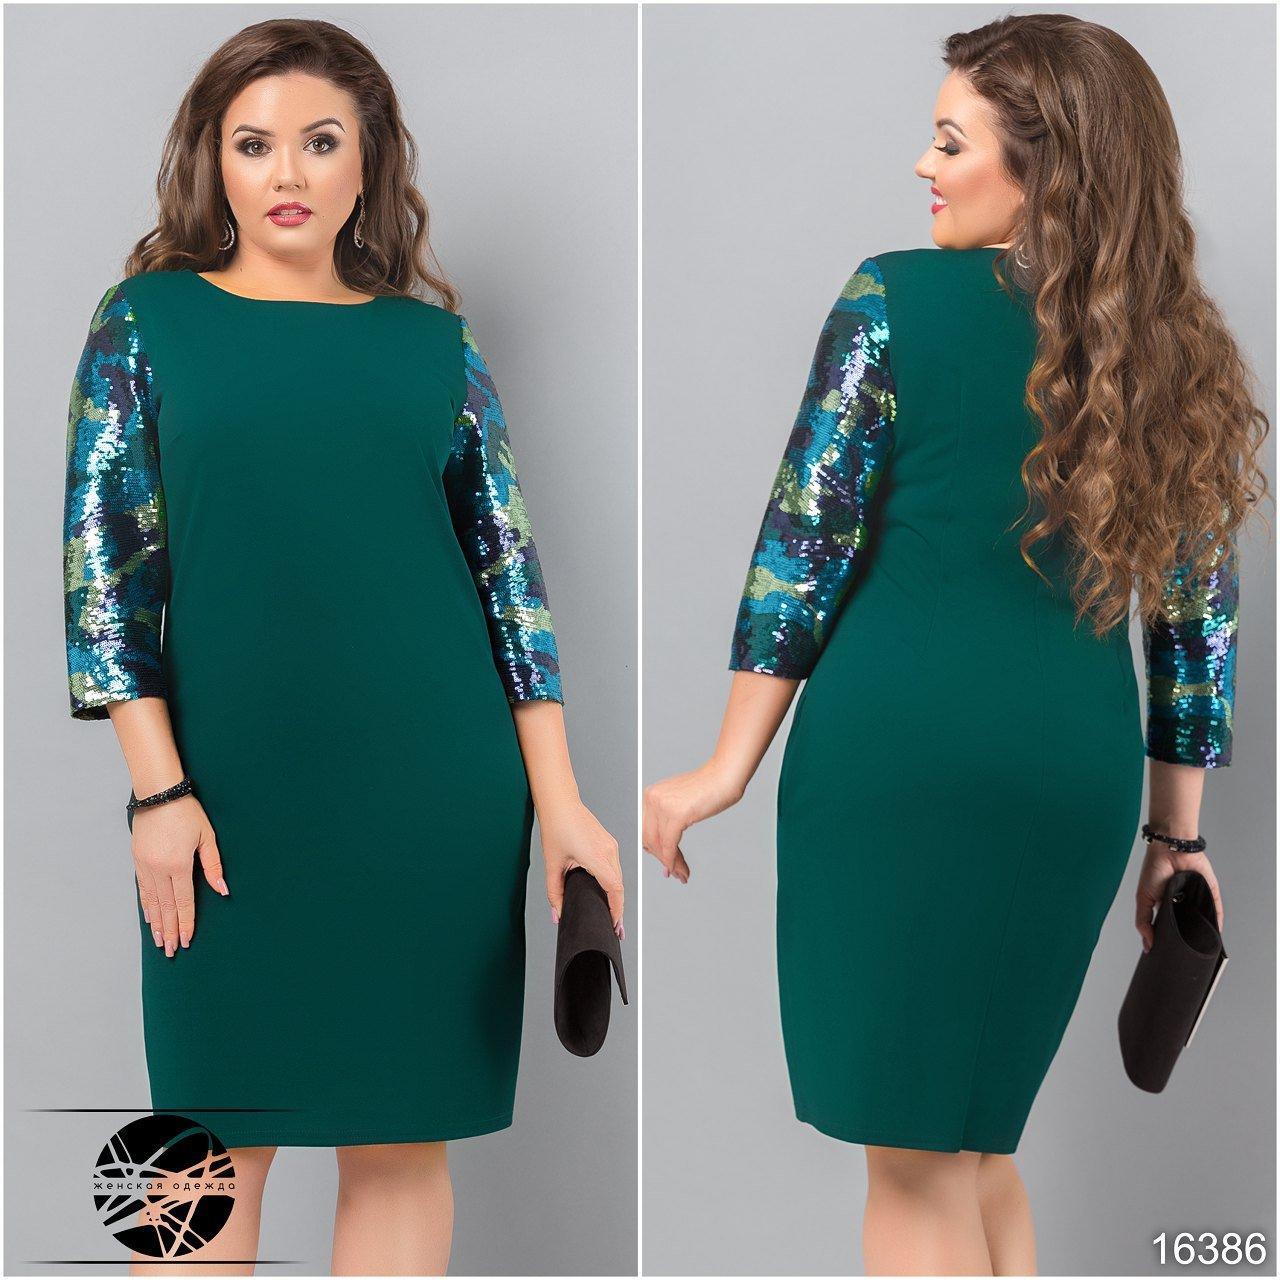 6bb67cca646007e Вечернее платье зеленого цвета с пайетками на рукавах. Модель 16386.  Размеры 48-54